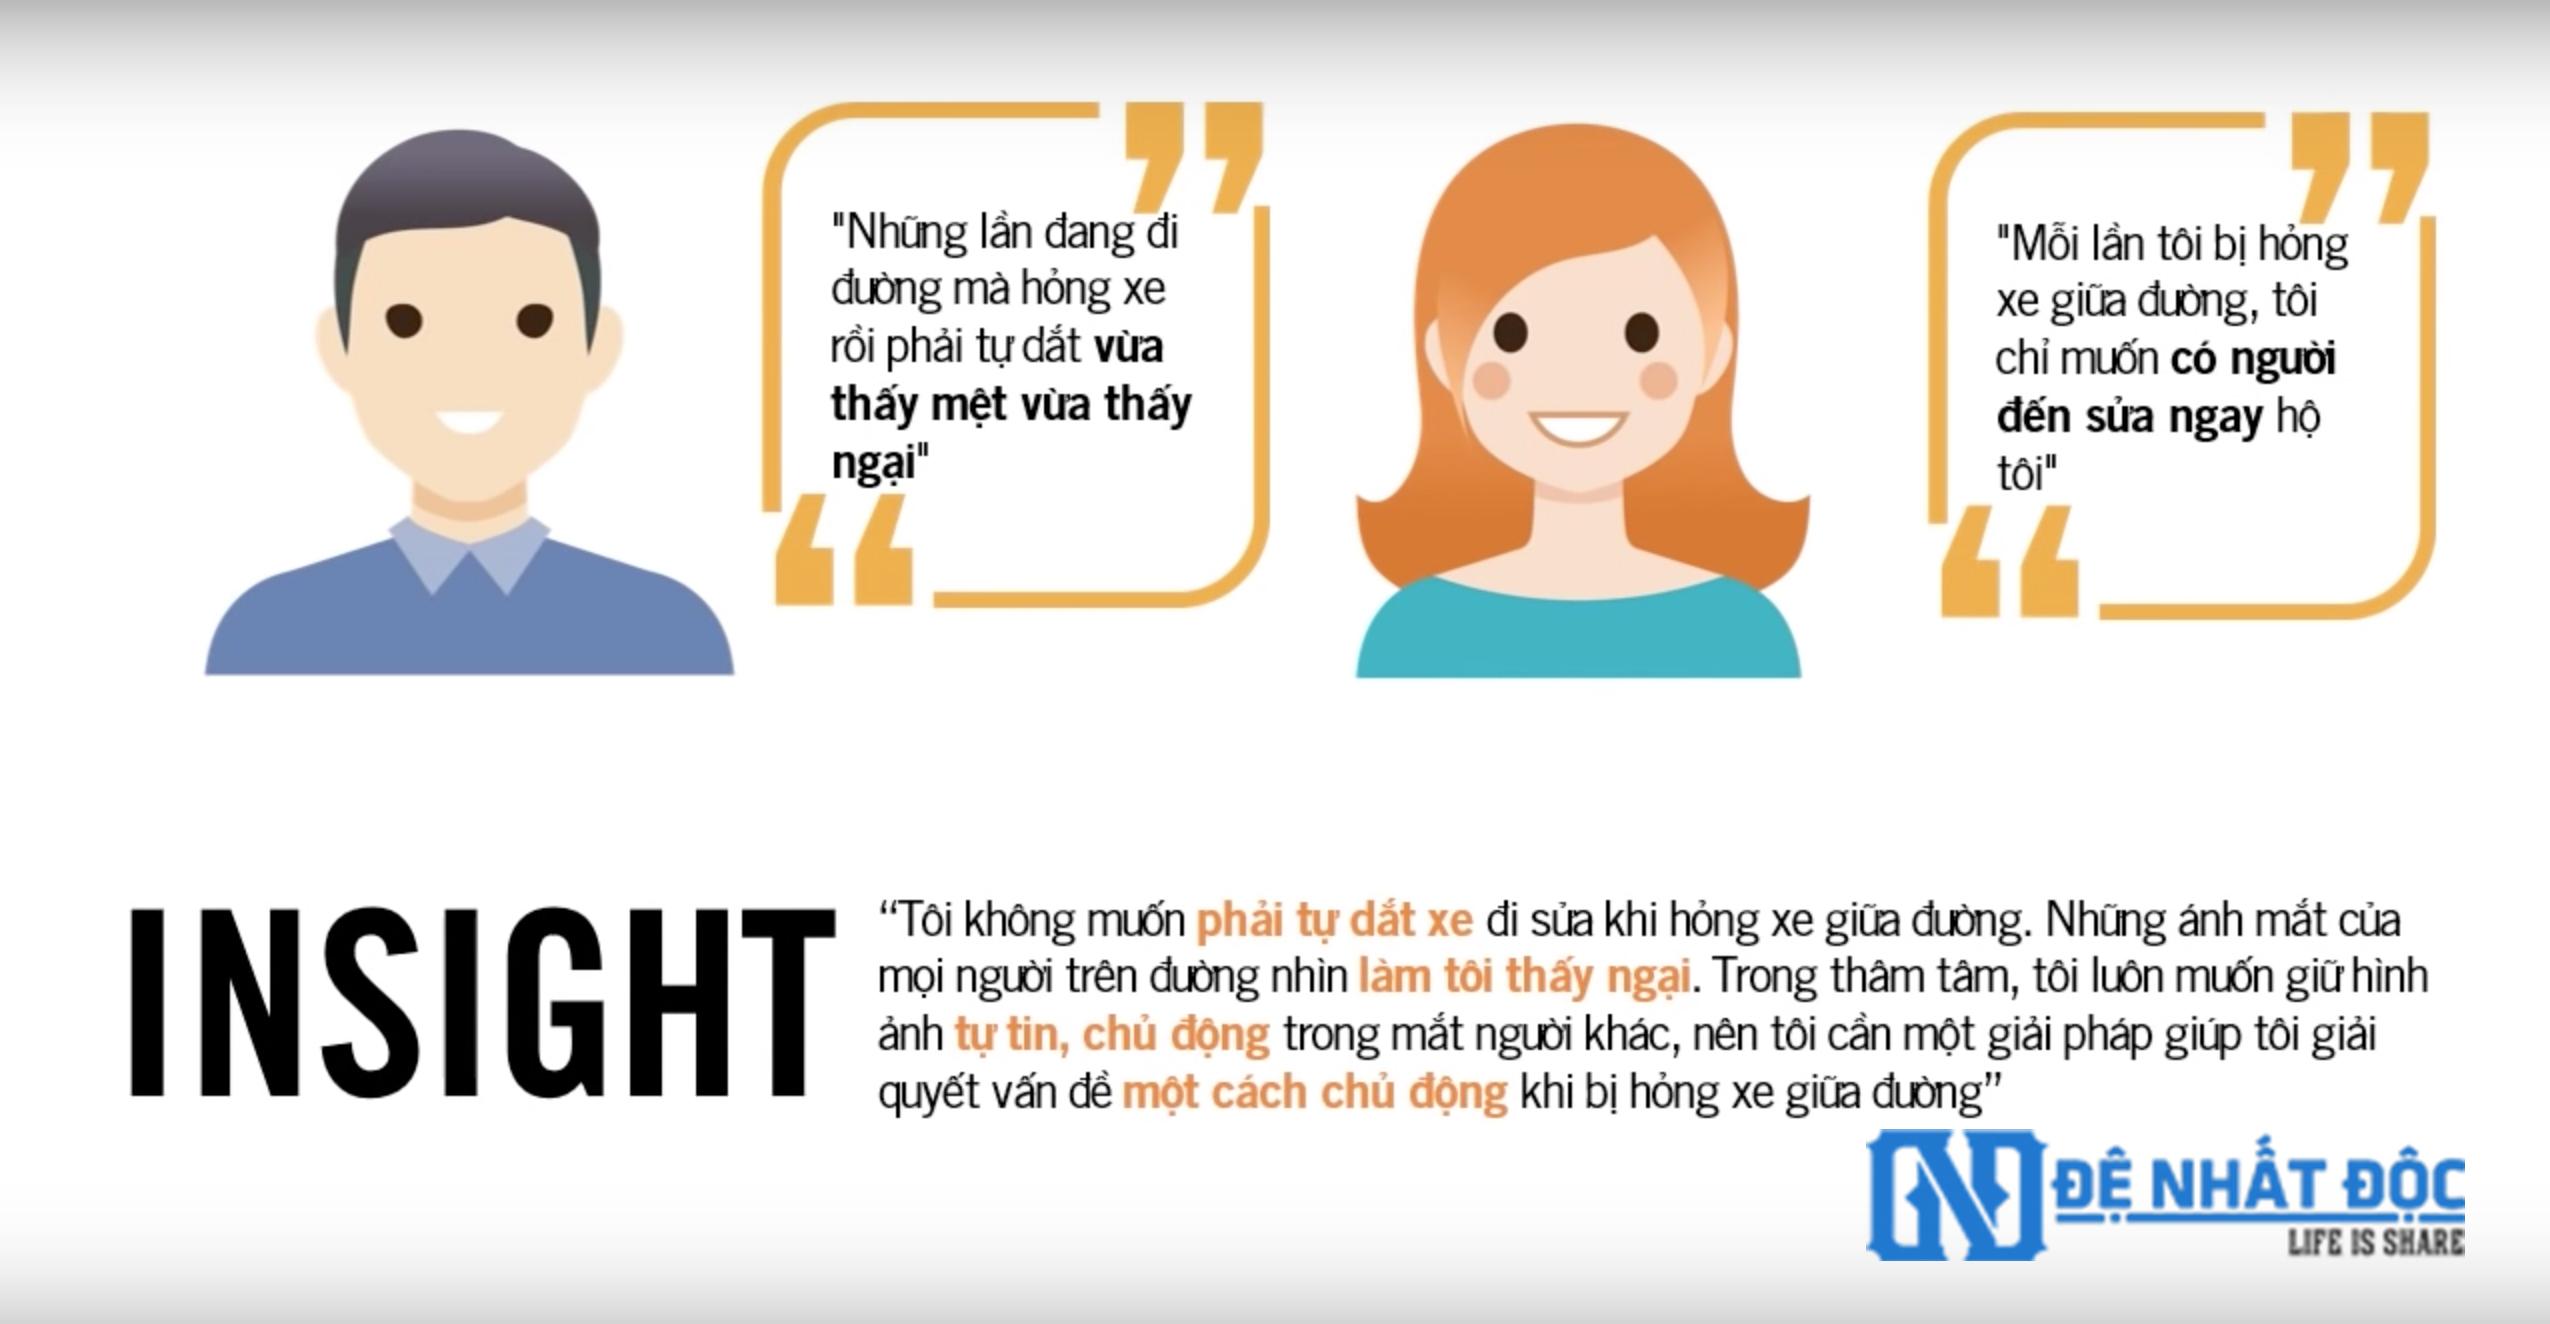 Insight là những suy nghĩ, mong muốn thầm kín ẩn sâu bên trong mỗi người,ảnh hưởng đến quyết định mua hàng của khách hàng